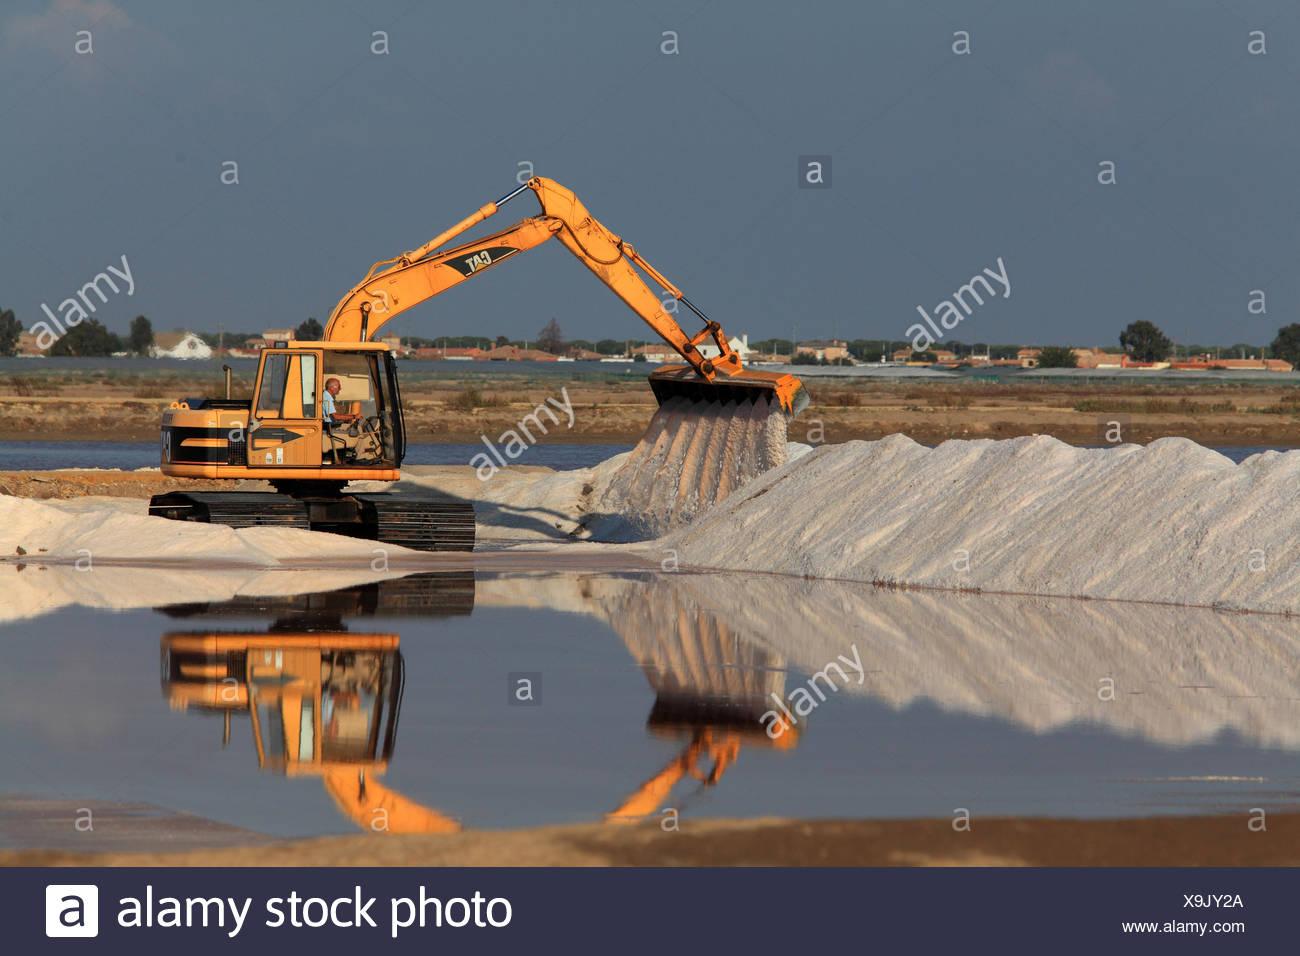 excavator shoveling salt, salt production of a saline, Spain, Sanlucar de Barrameda - Stock Image